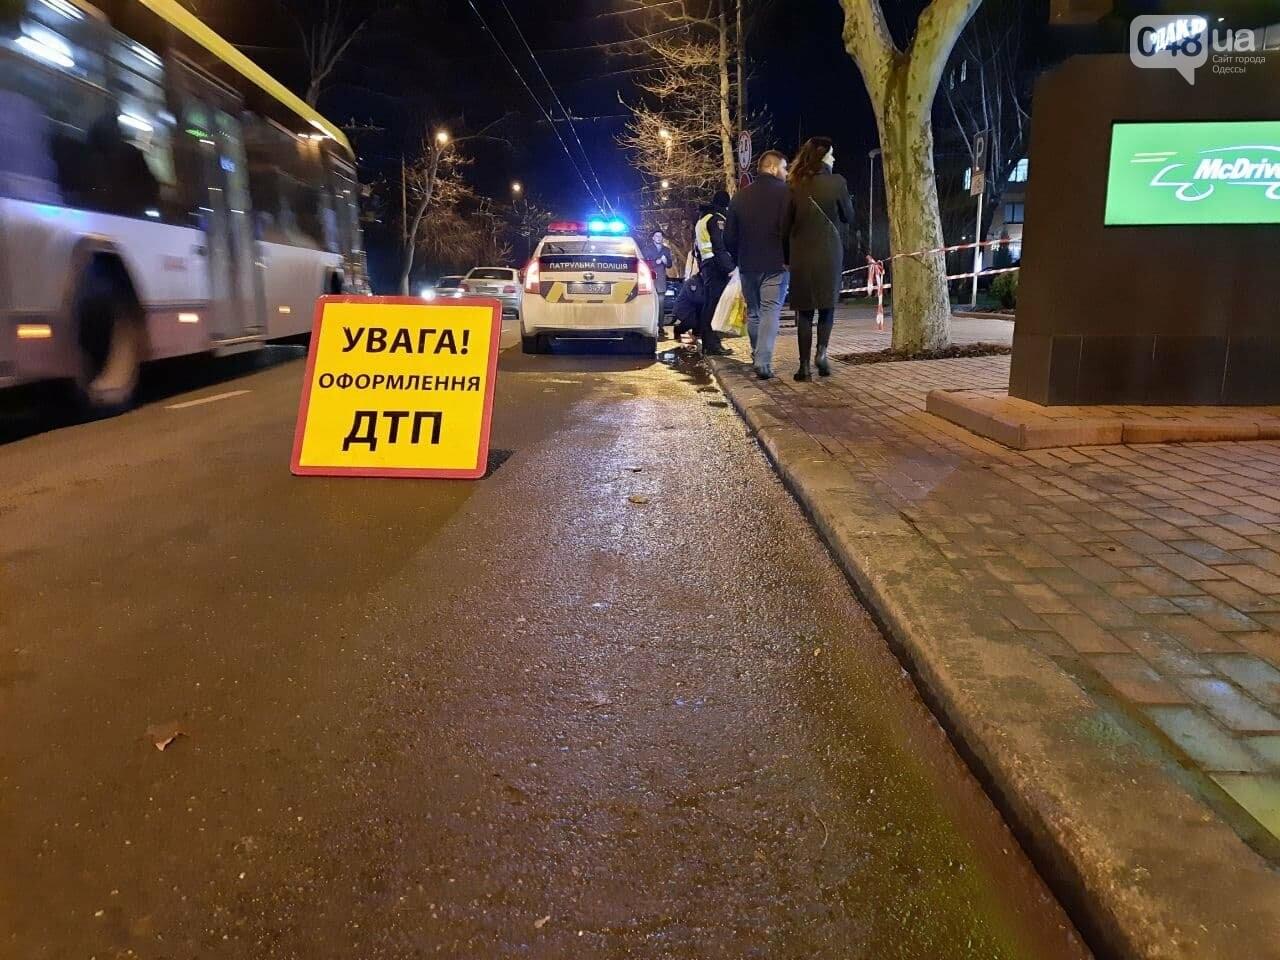 Стало плохо за рулём: в полиции прокомментировали резонансное ДТП в Одессе, - ФОТО, ВИДЕО, фото-4